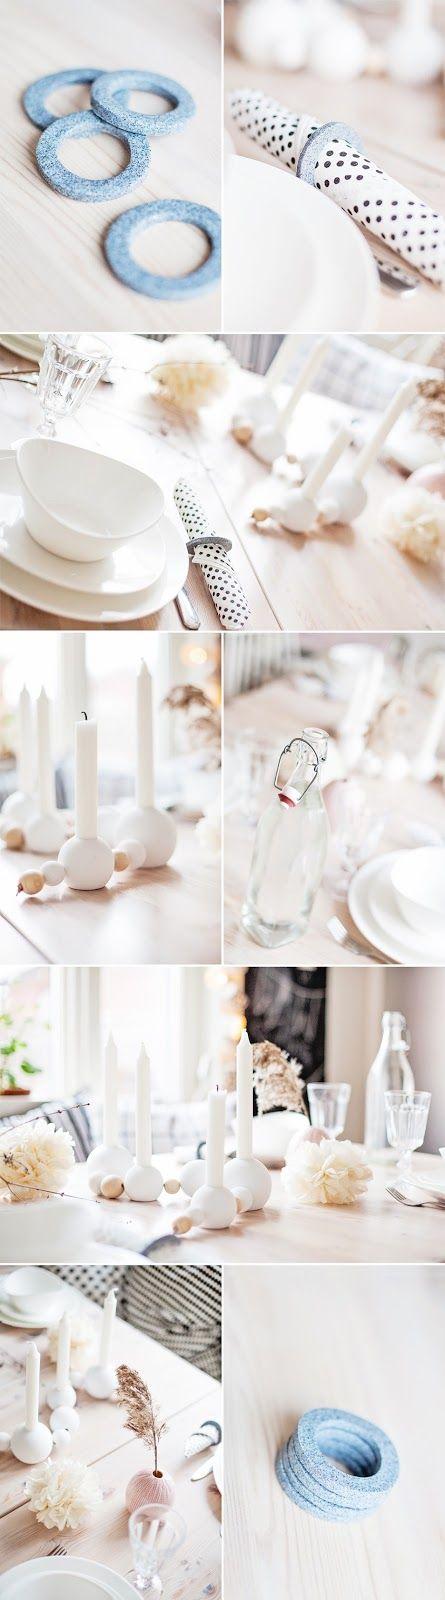 Pastill.nu - fotograf Stockholm - Järfälla: DIY: servettringar av fimolera